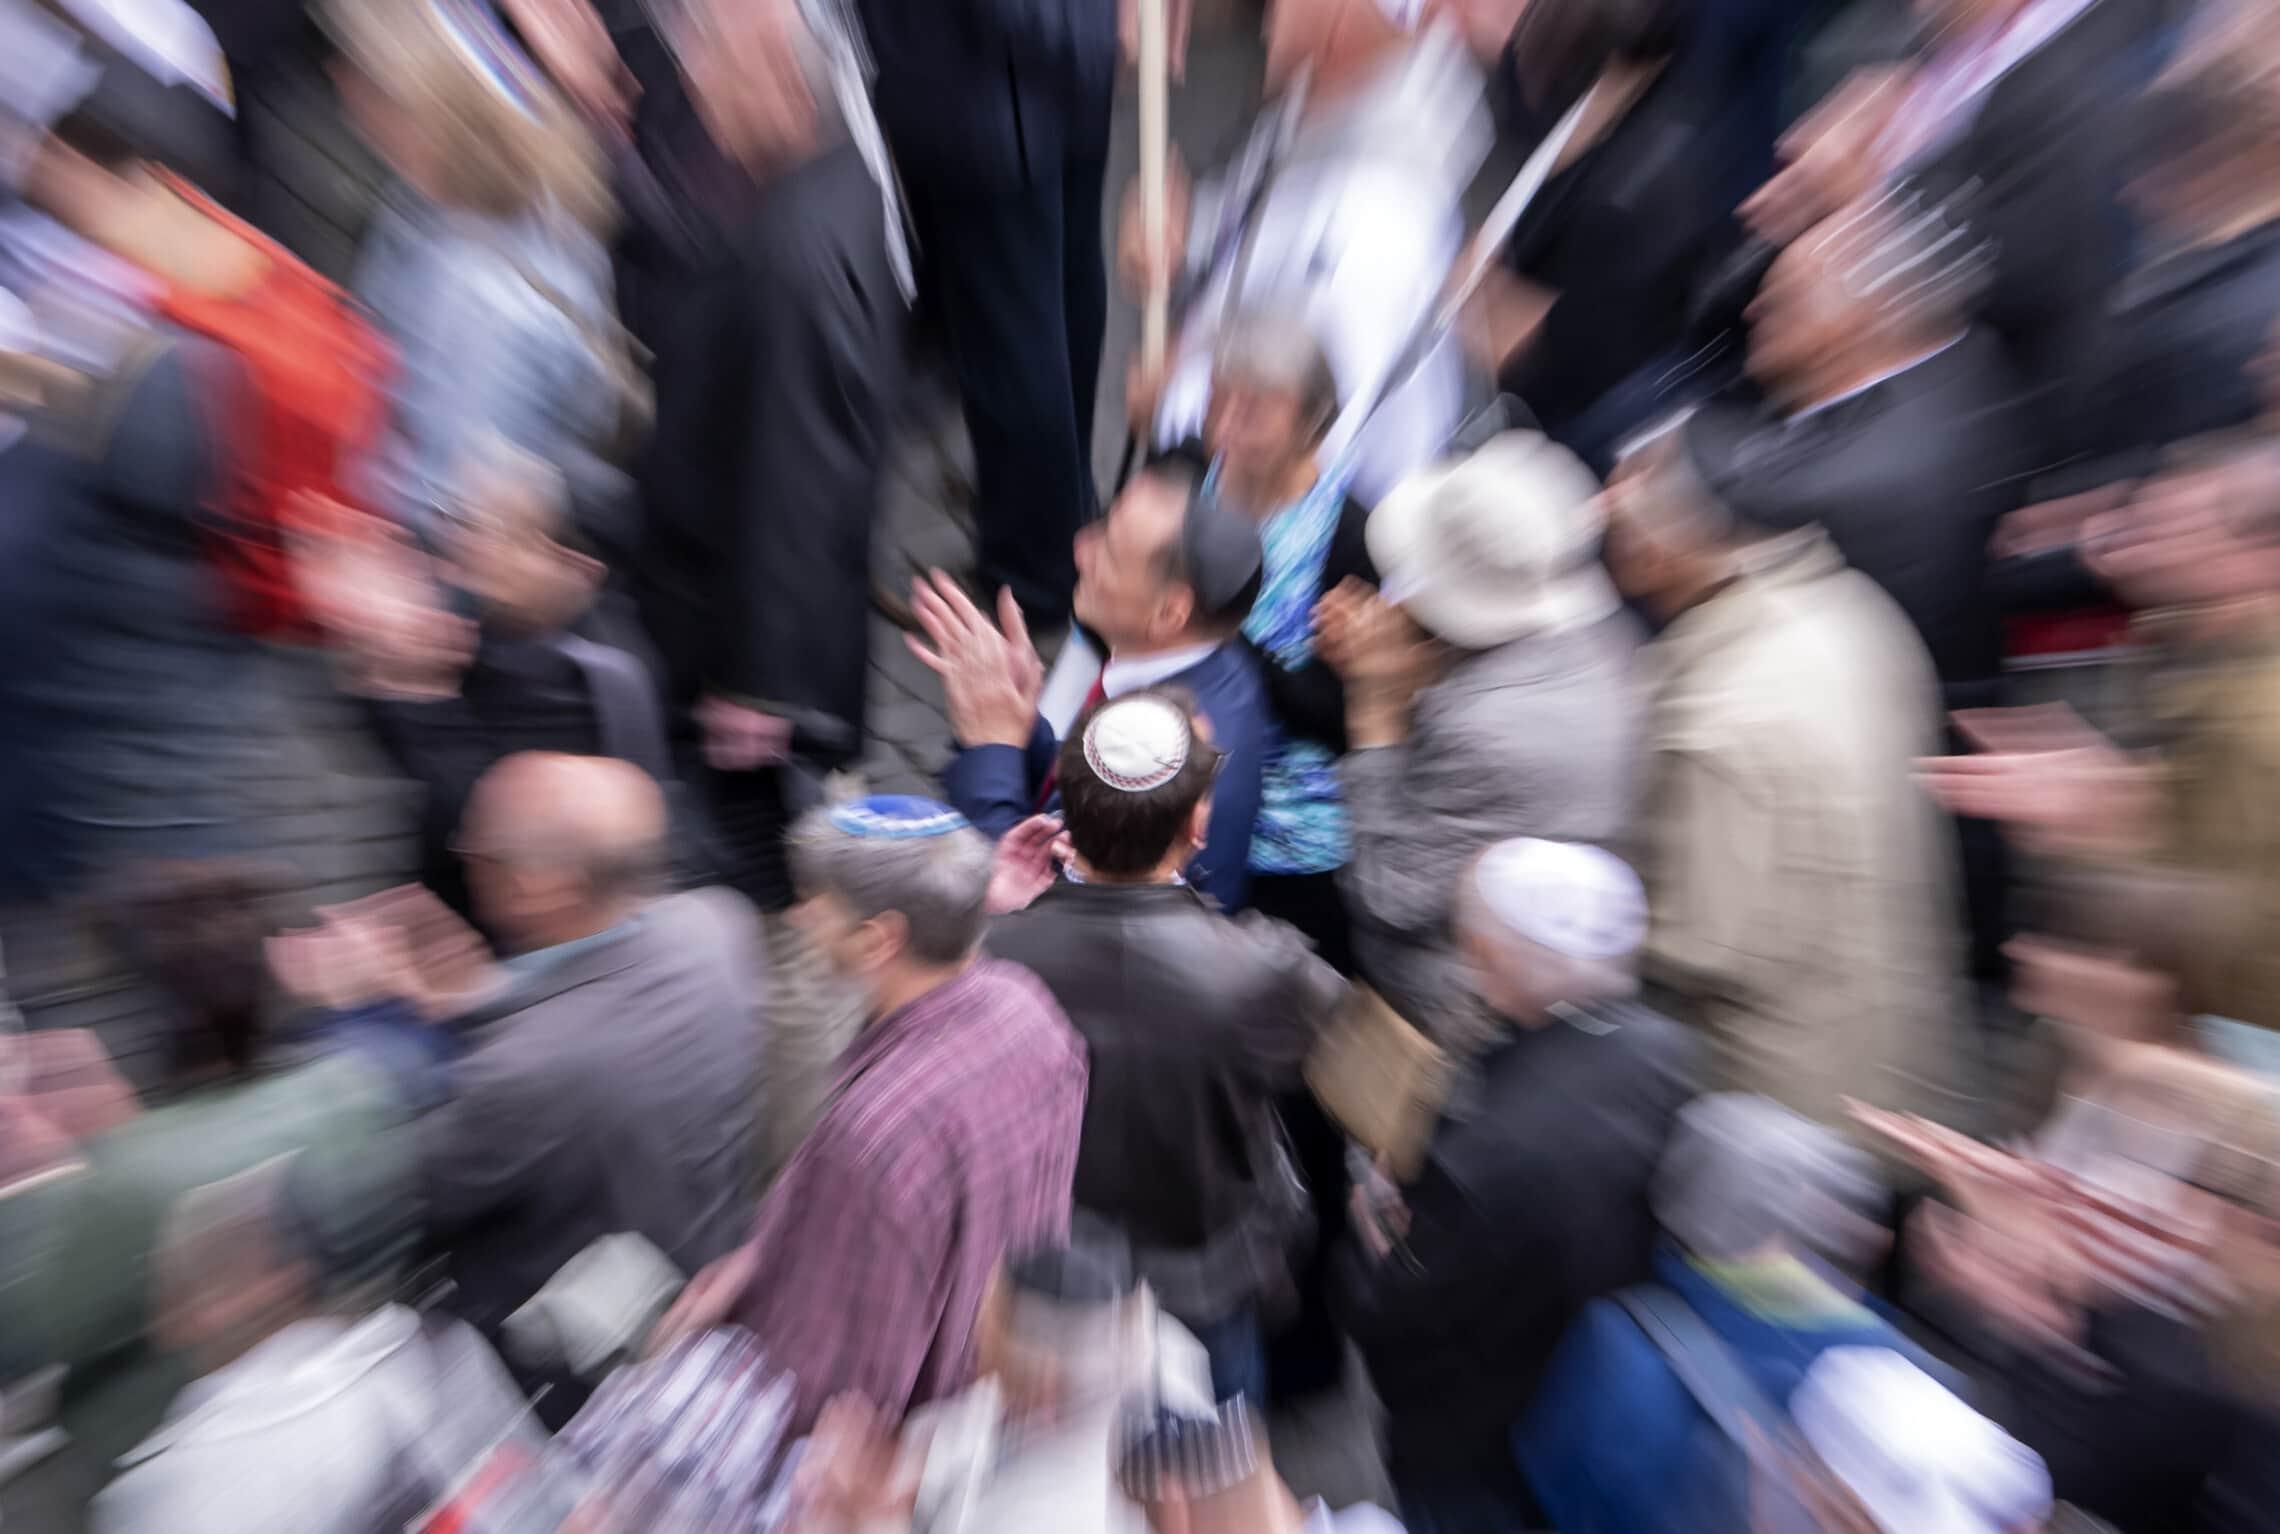 הפגנה נגד אנטישמיות בארפוט, גרמניה, 25 באפריל 2018 (צילום: AP Photo/Jens Meyer)